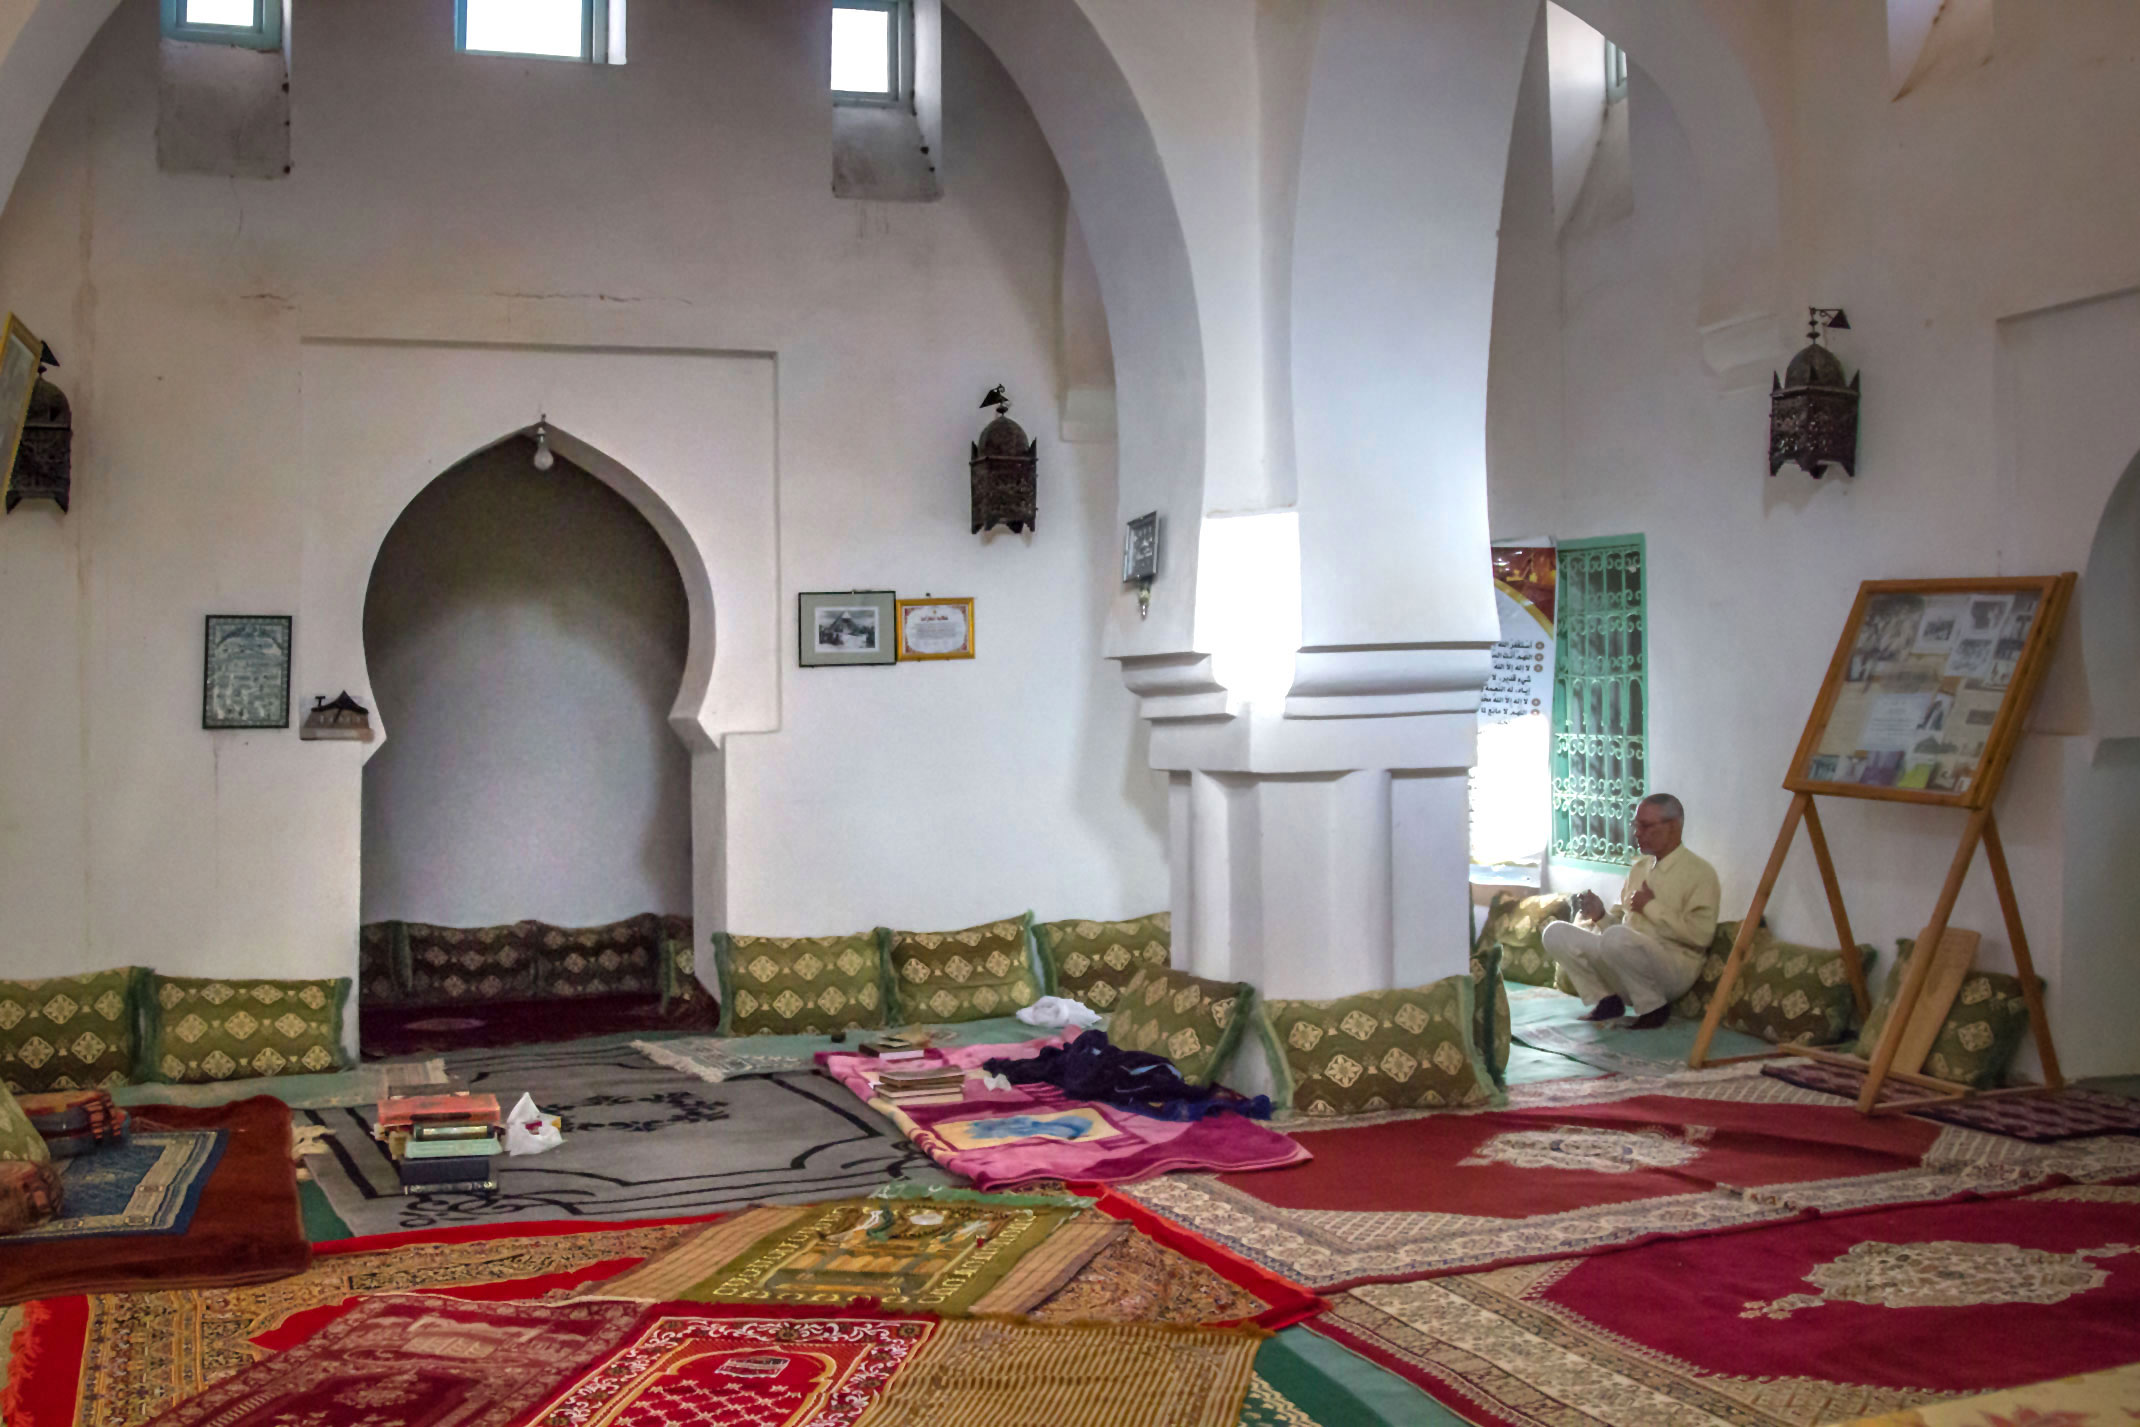 Zaouyya du Cheikh Maelainine